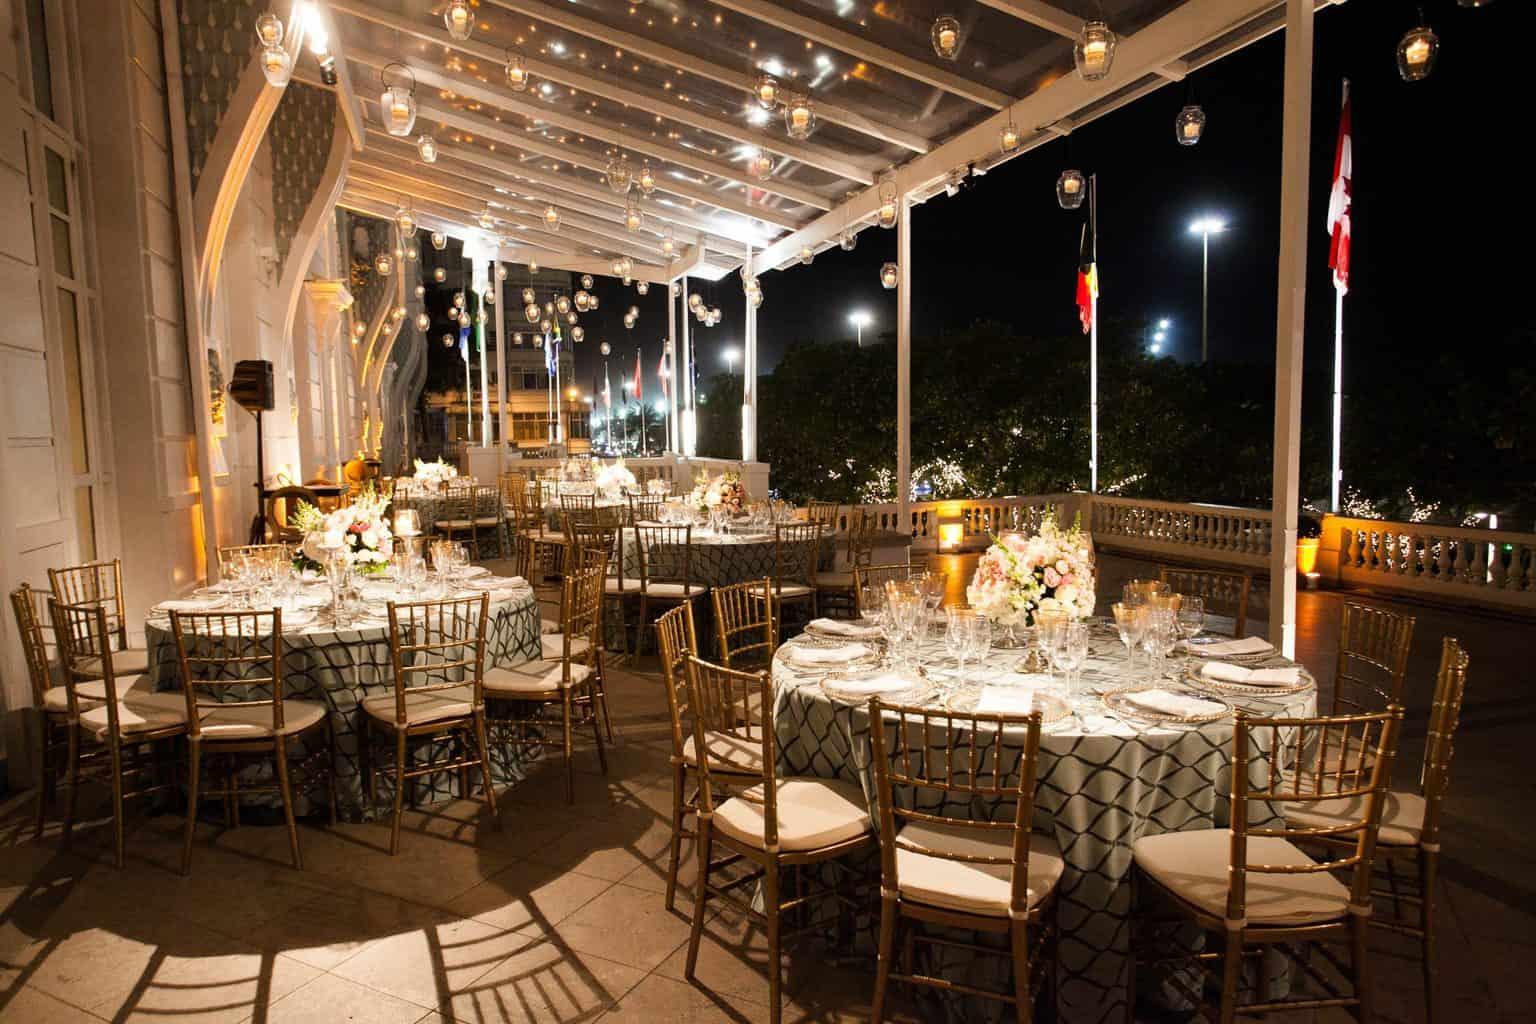 Alexandre-Japiassu-Casamento-Clássico-Casamento-tradicional-Copacabana-Palace-Decor-festa-Monica-Roias-Ribas-Foto-e-Vídeo-Tuanny-e-Bernardo-CaseMe-5